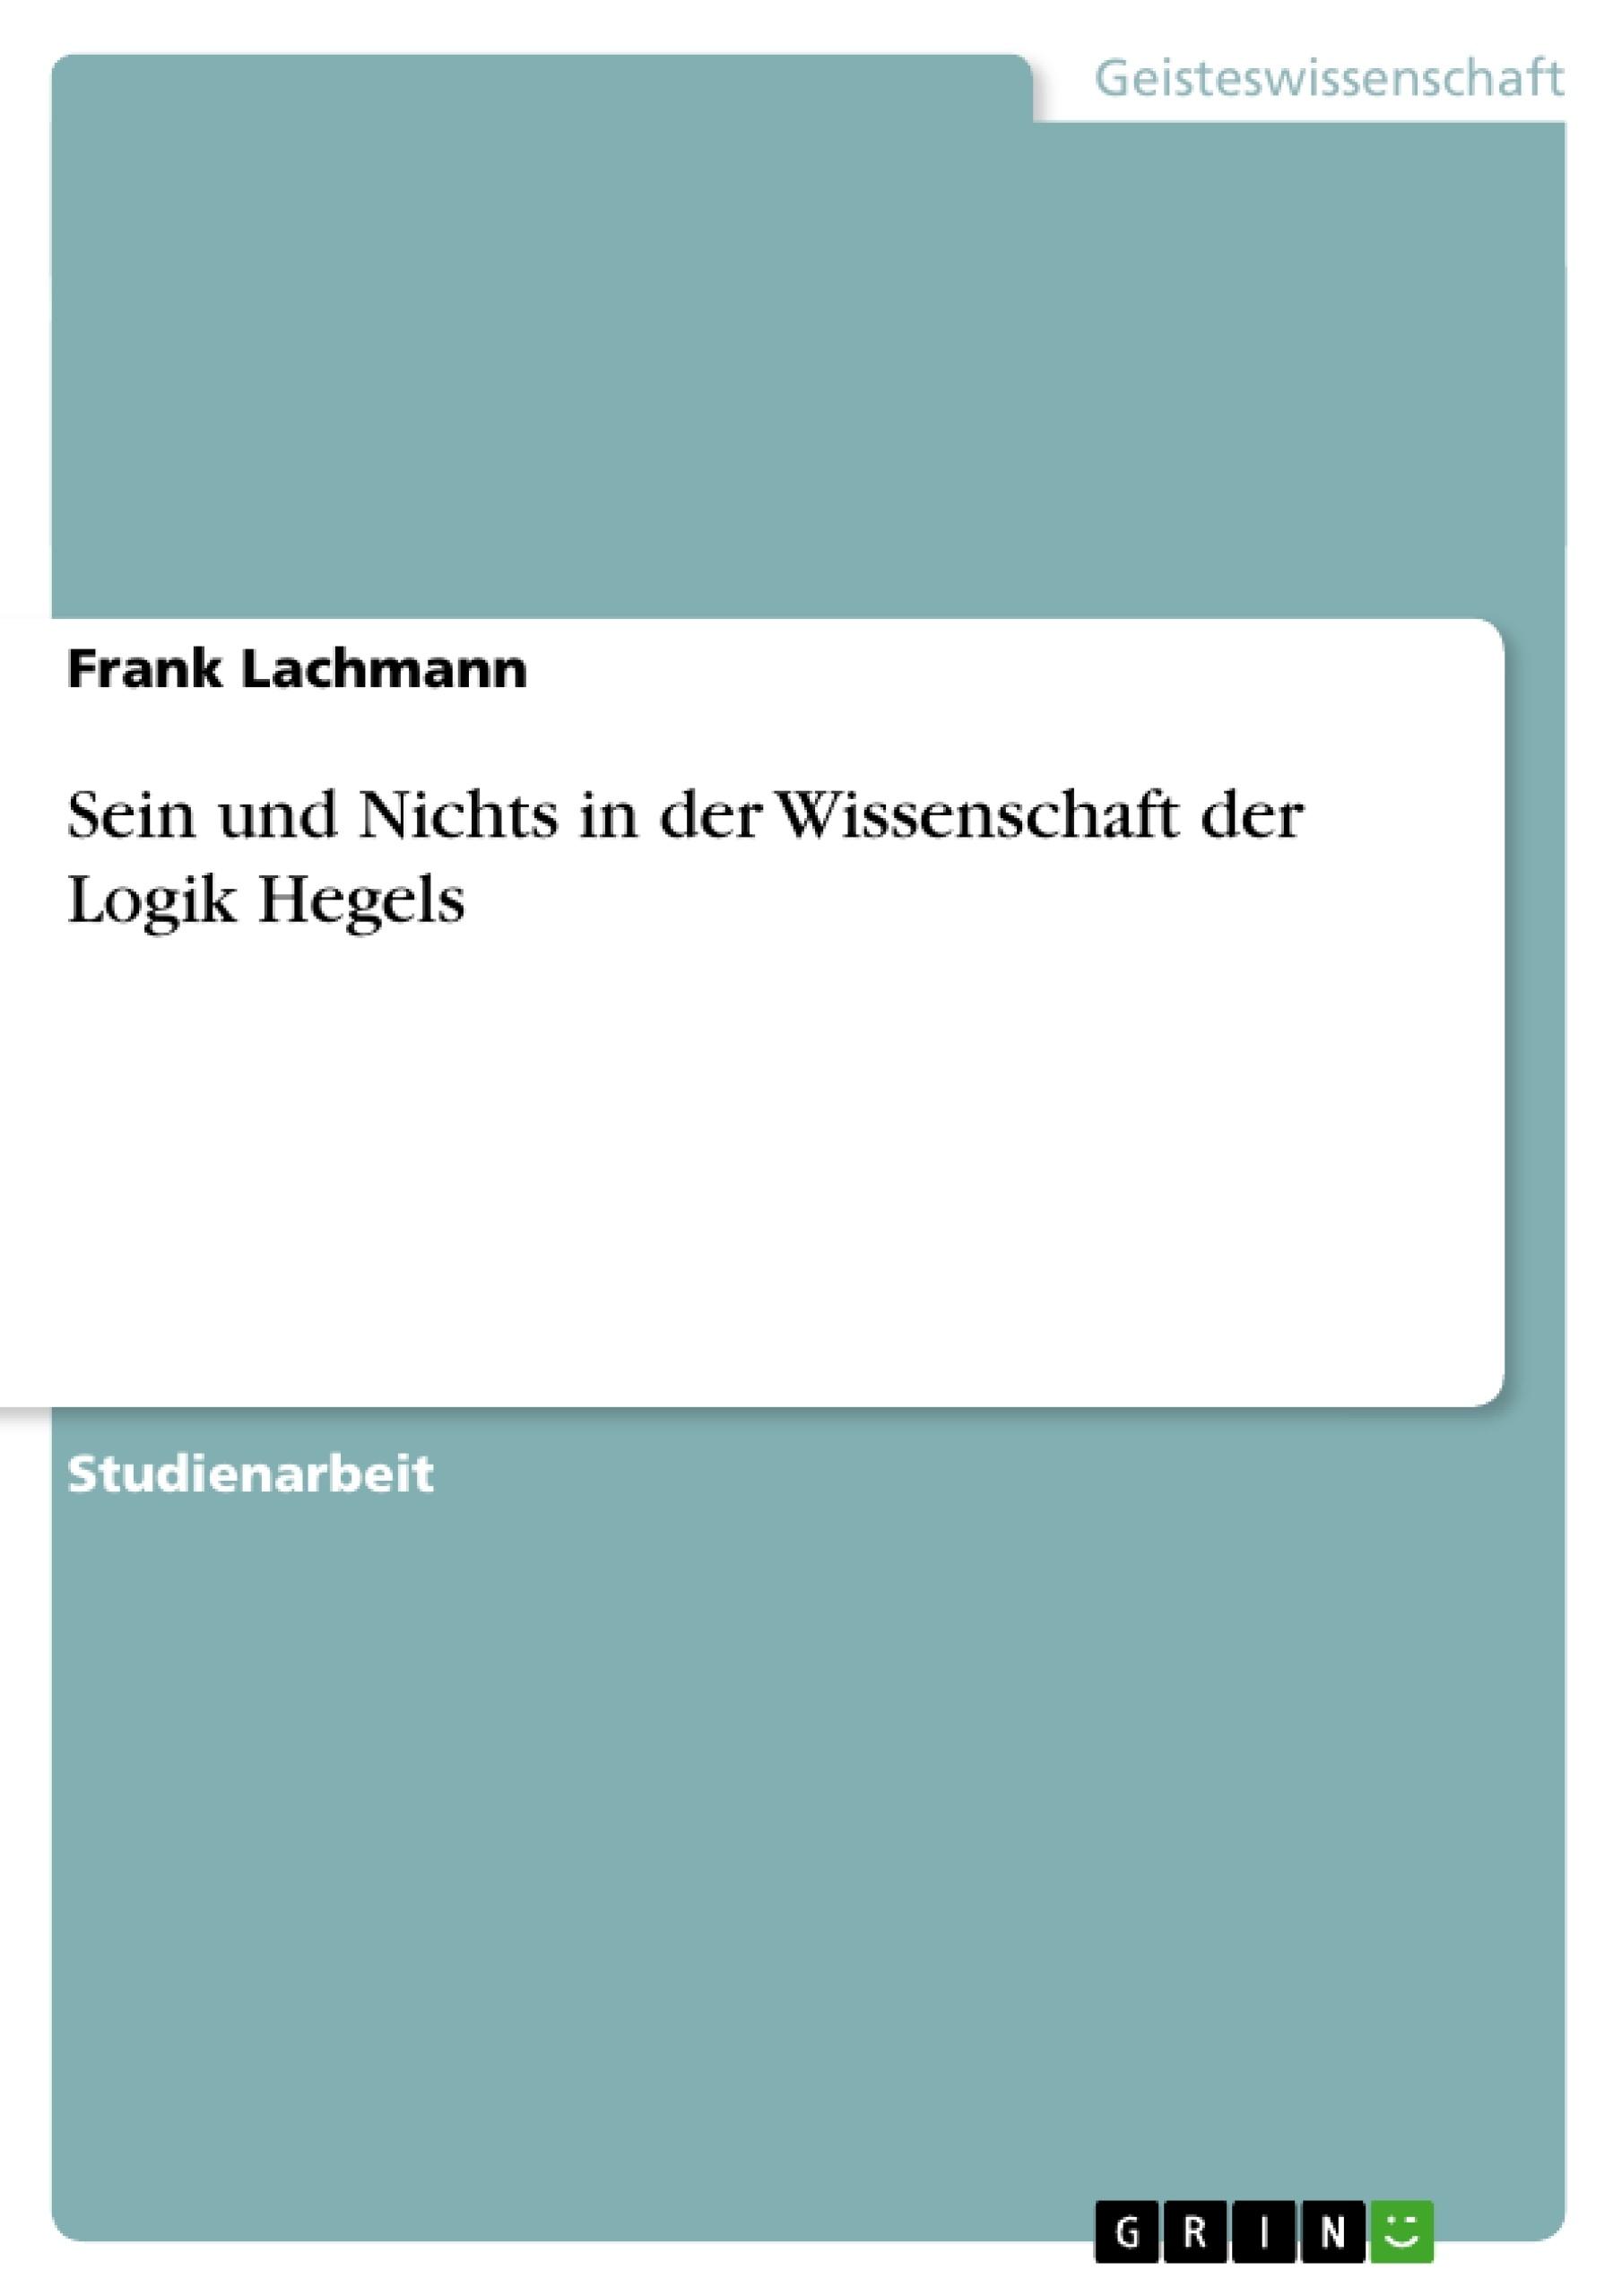 Titel: Sein und Nichts in der Wissenschaft der Logik Hegels